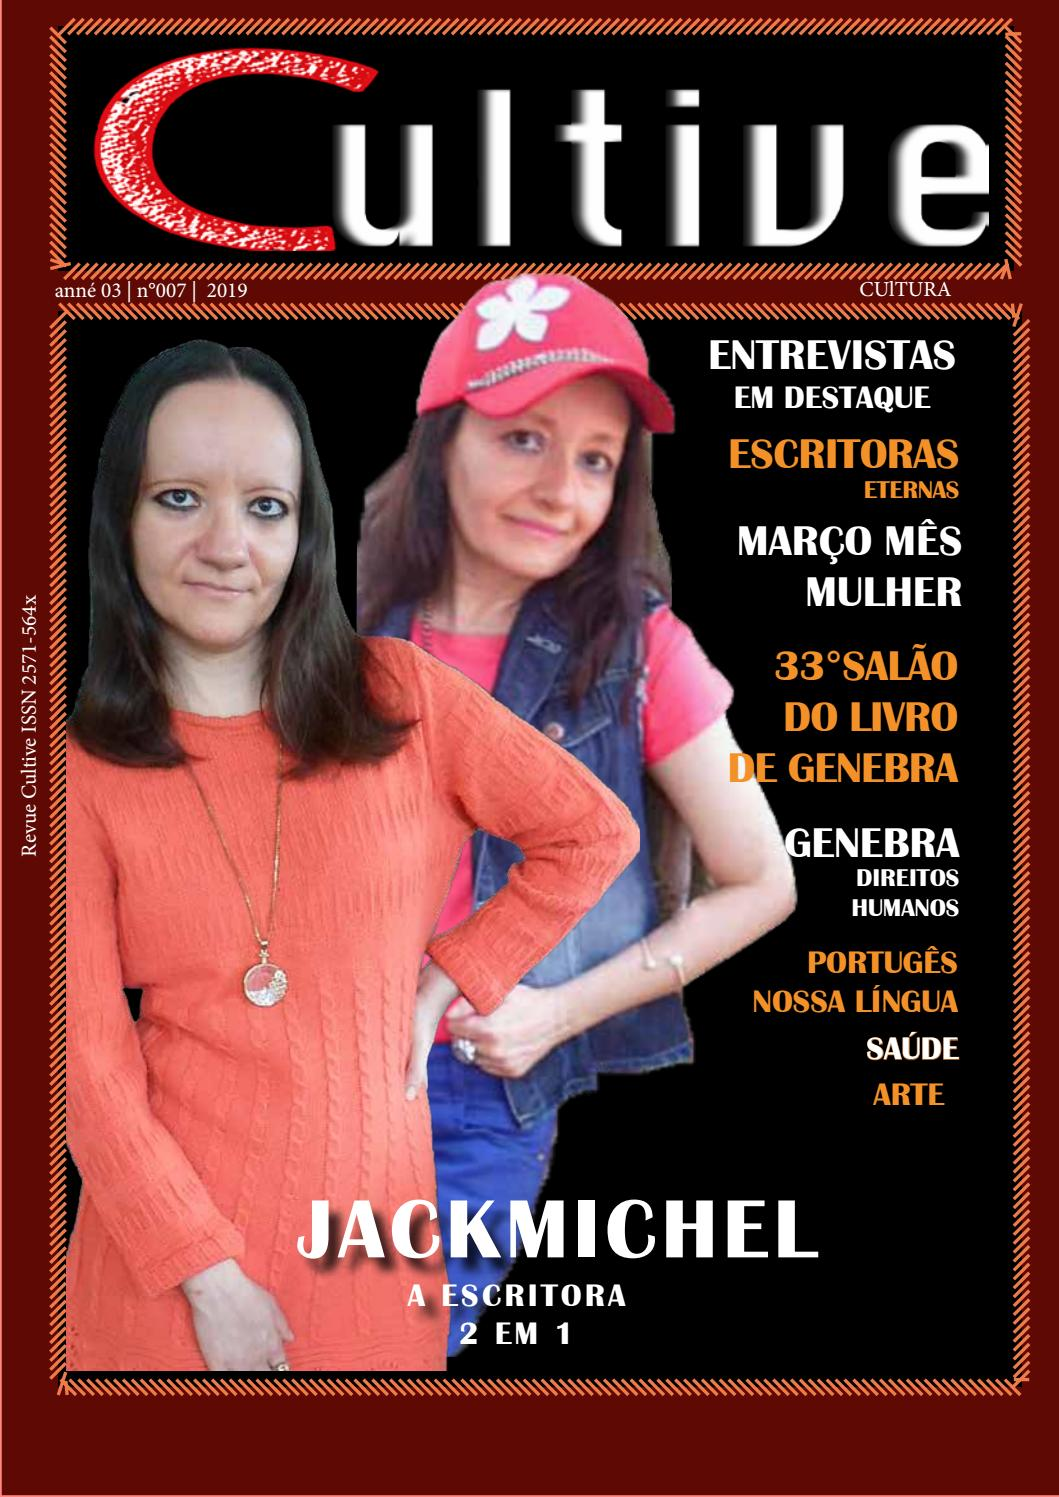 GRÁTIS DOWNLOAD DA FRATERNIDADE DA CAMPANHA CD 2008